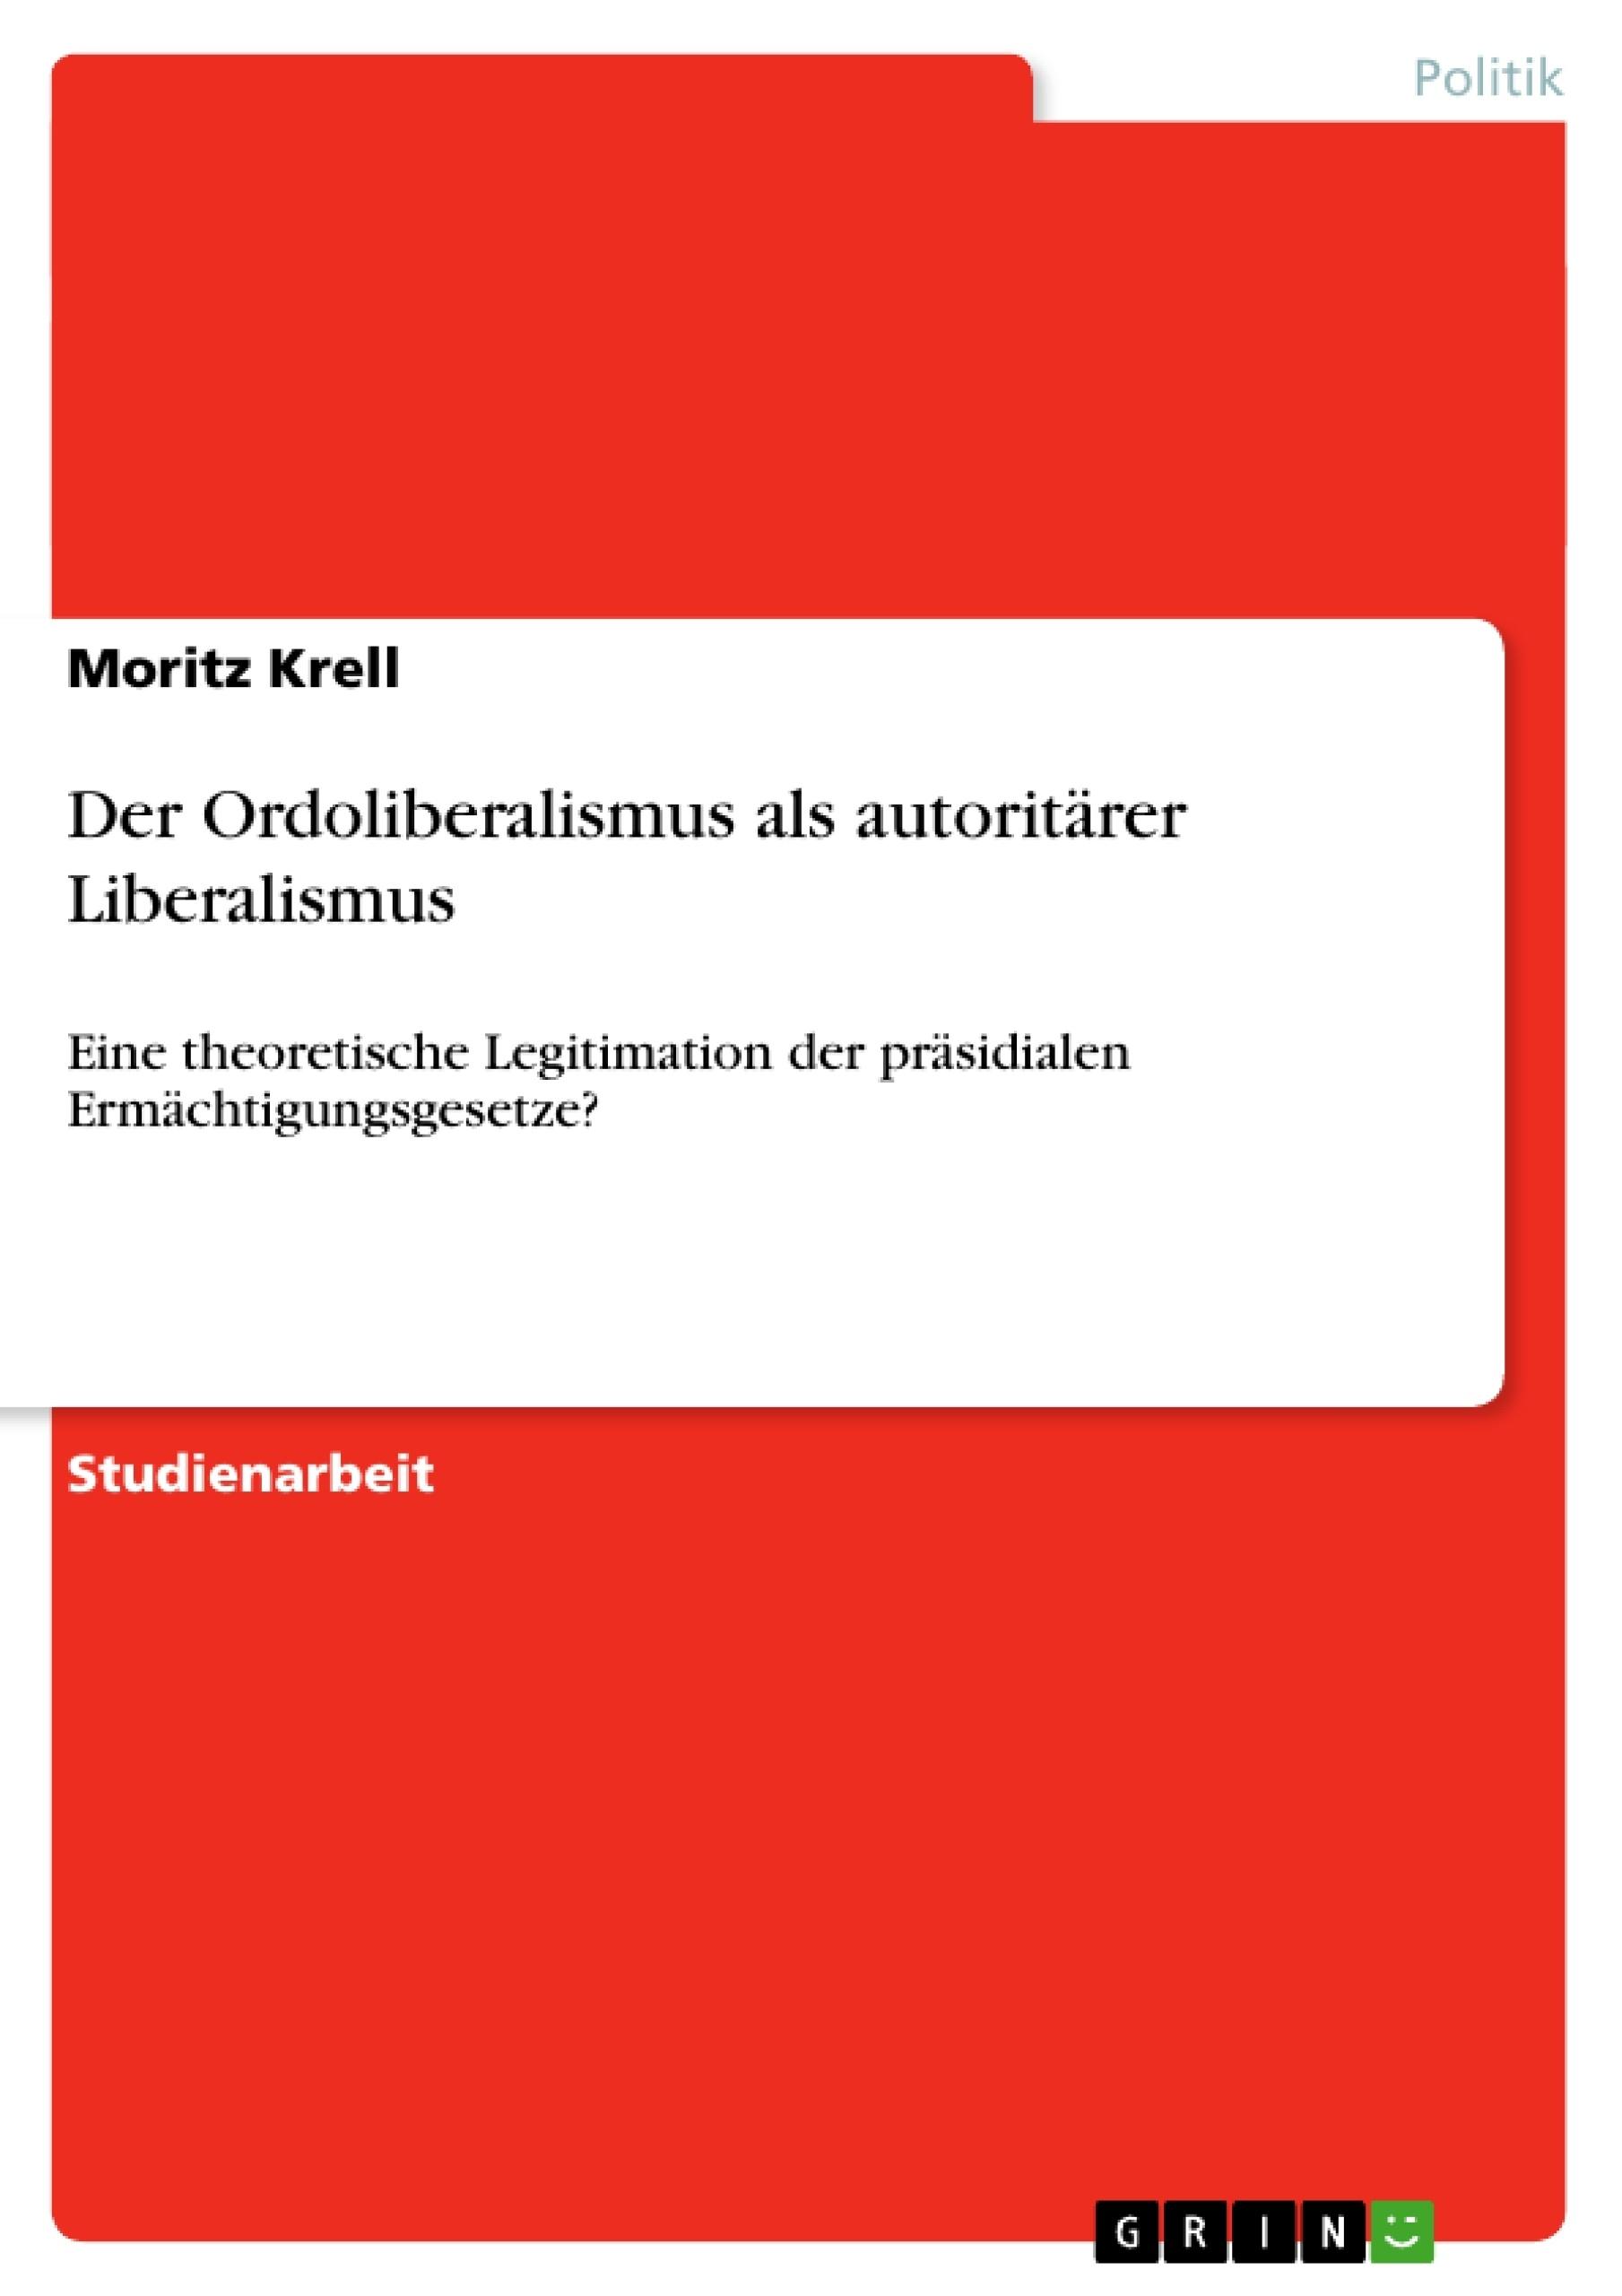 Titel: Der Ordoliberalismus als autoritärer Liberalismus